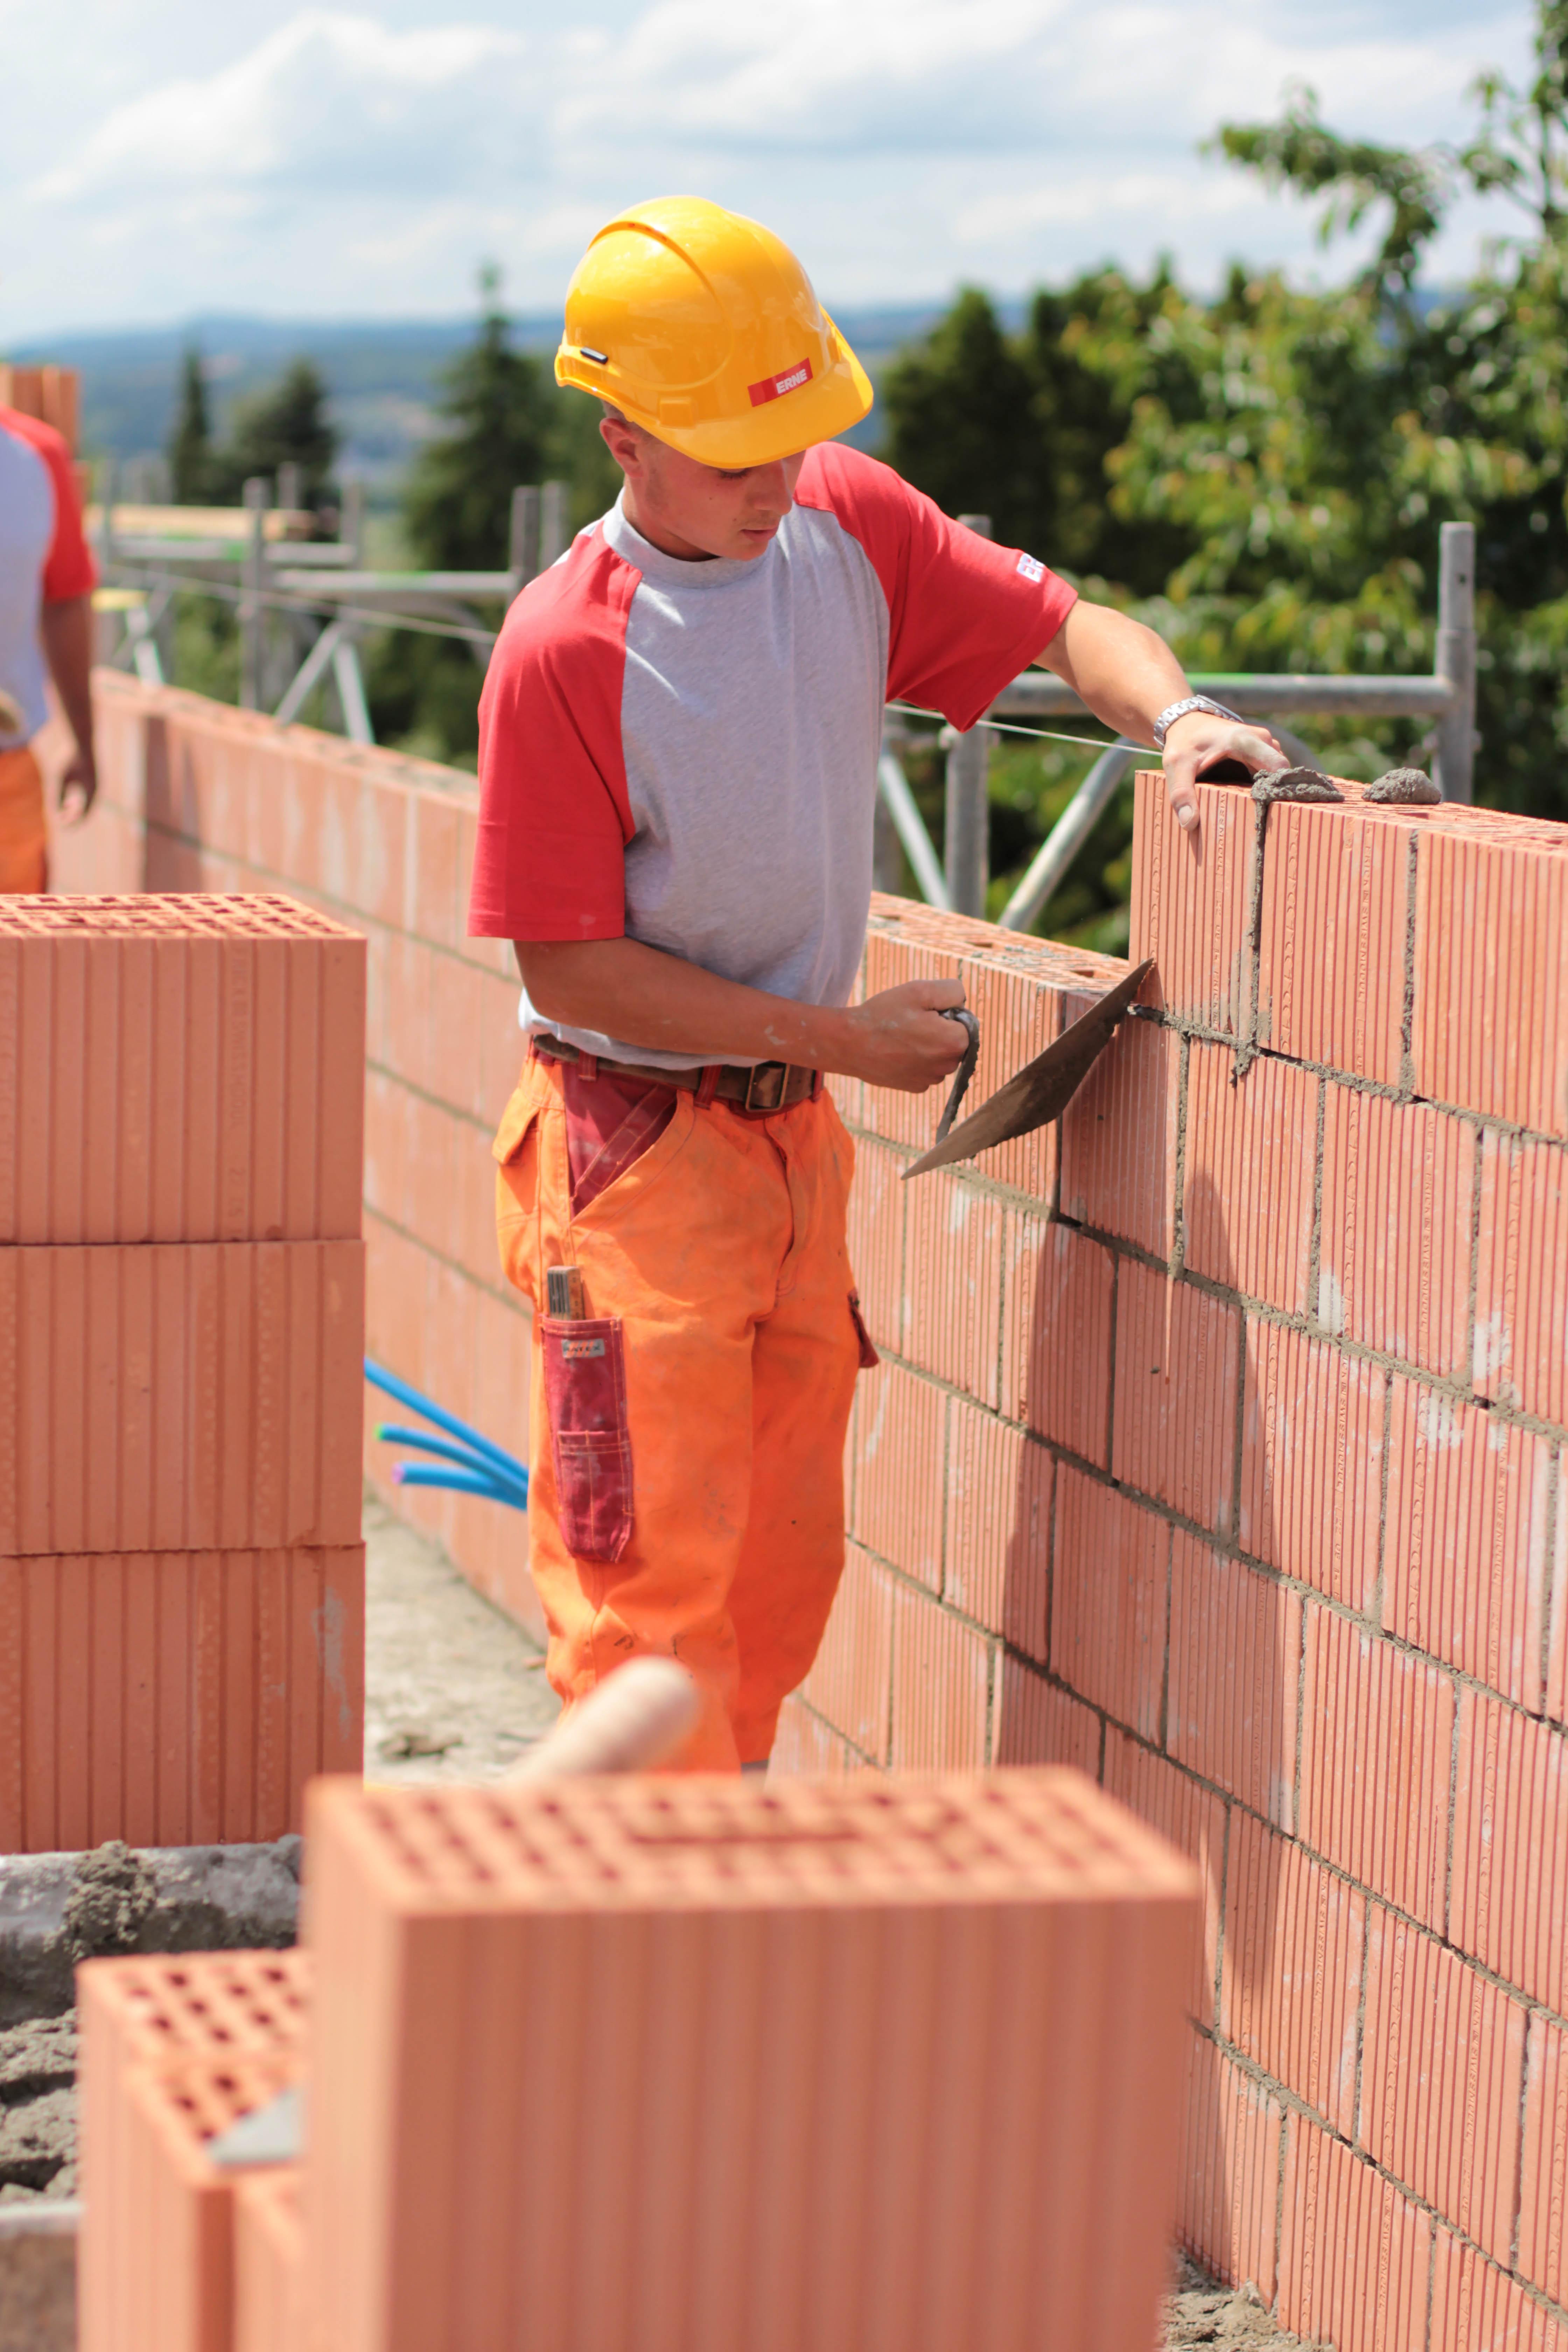 ERNE baut Zukunft - Mit Maurer-Lernenden. Der Beruf als Maurer ist vielseitig und ein breites und fundiertes Fachwissen ist die Basis für alle Bauberufe.